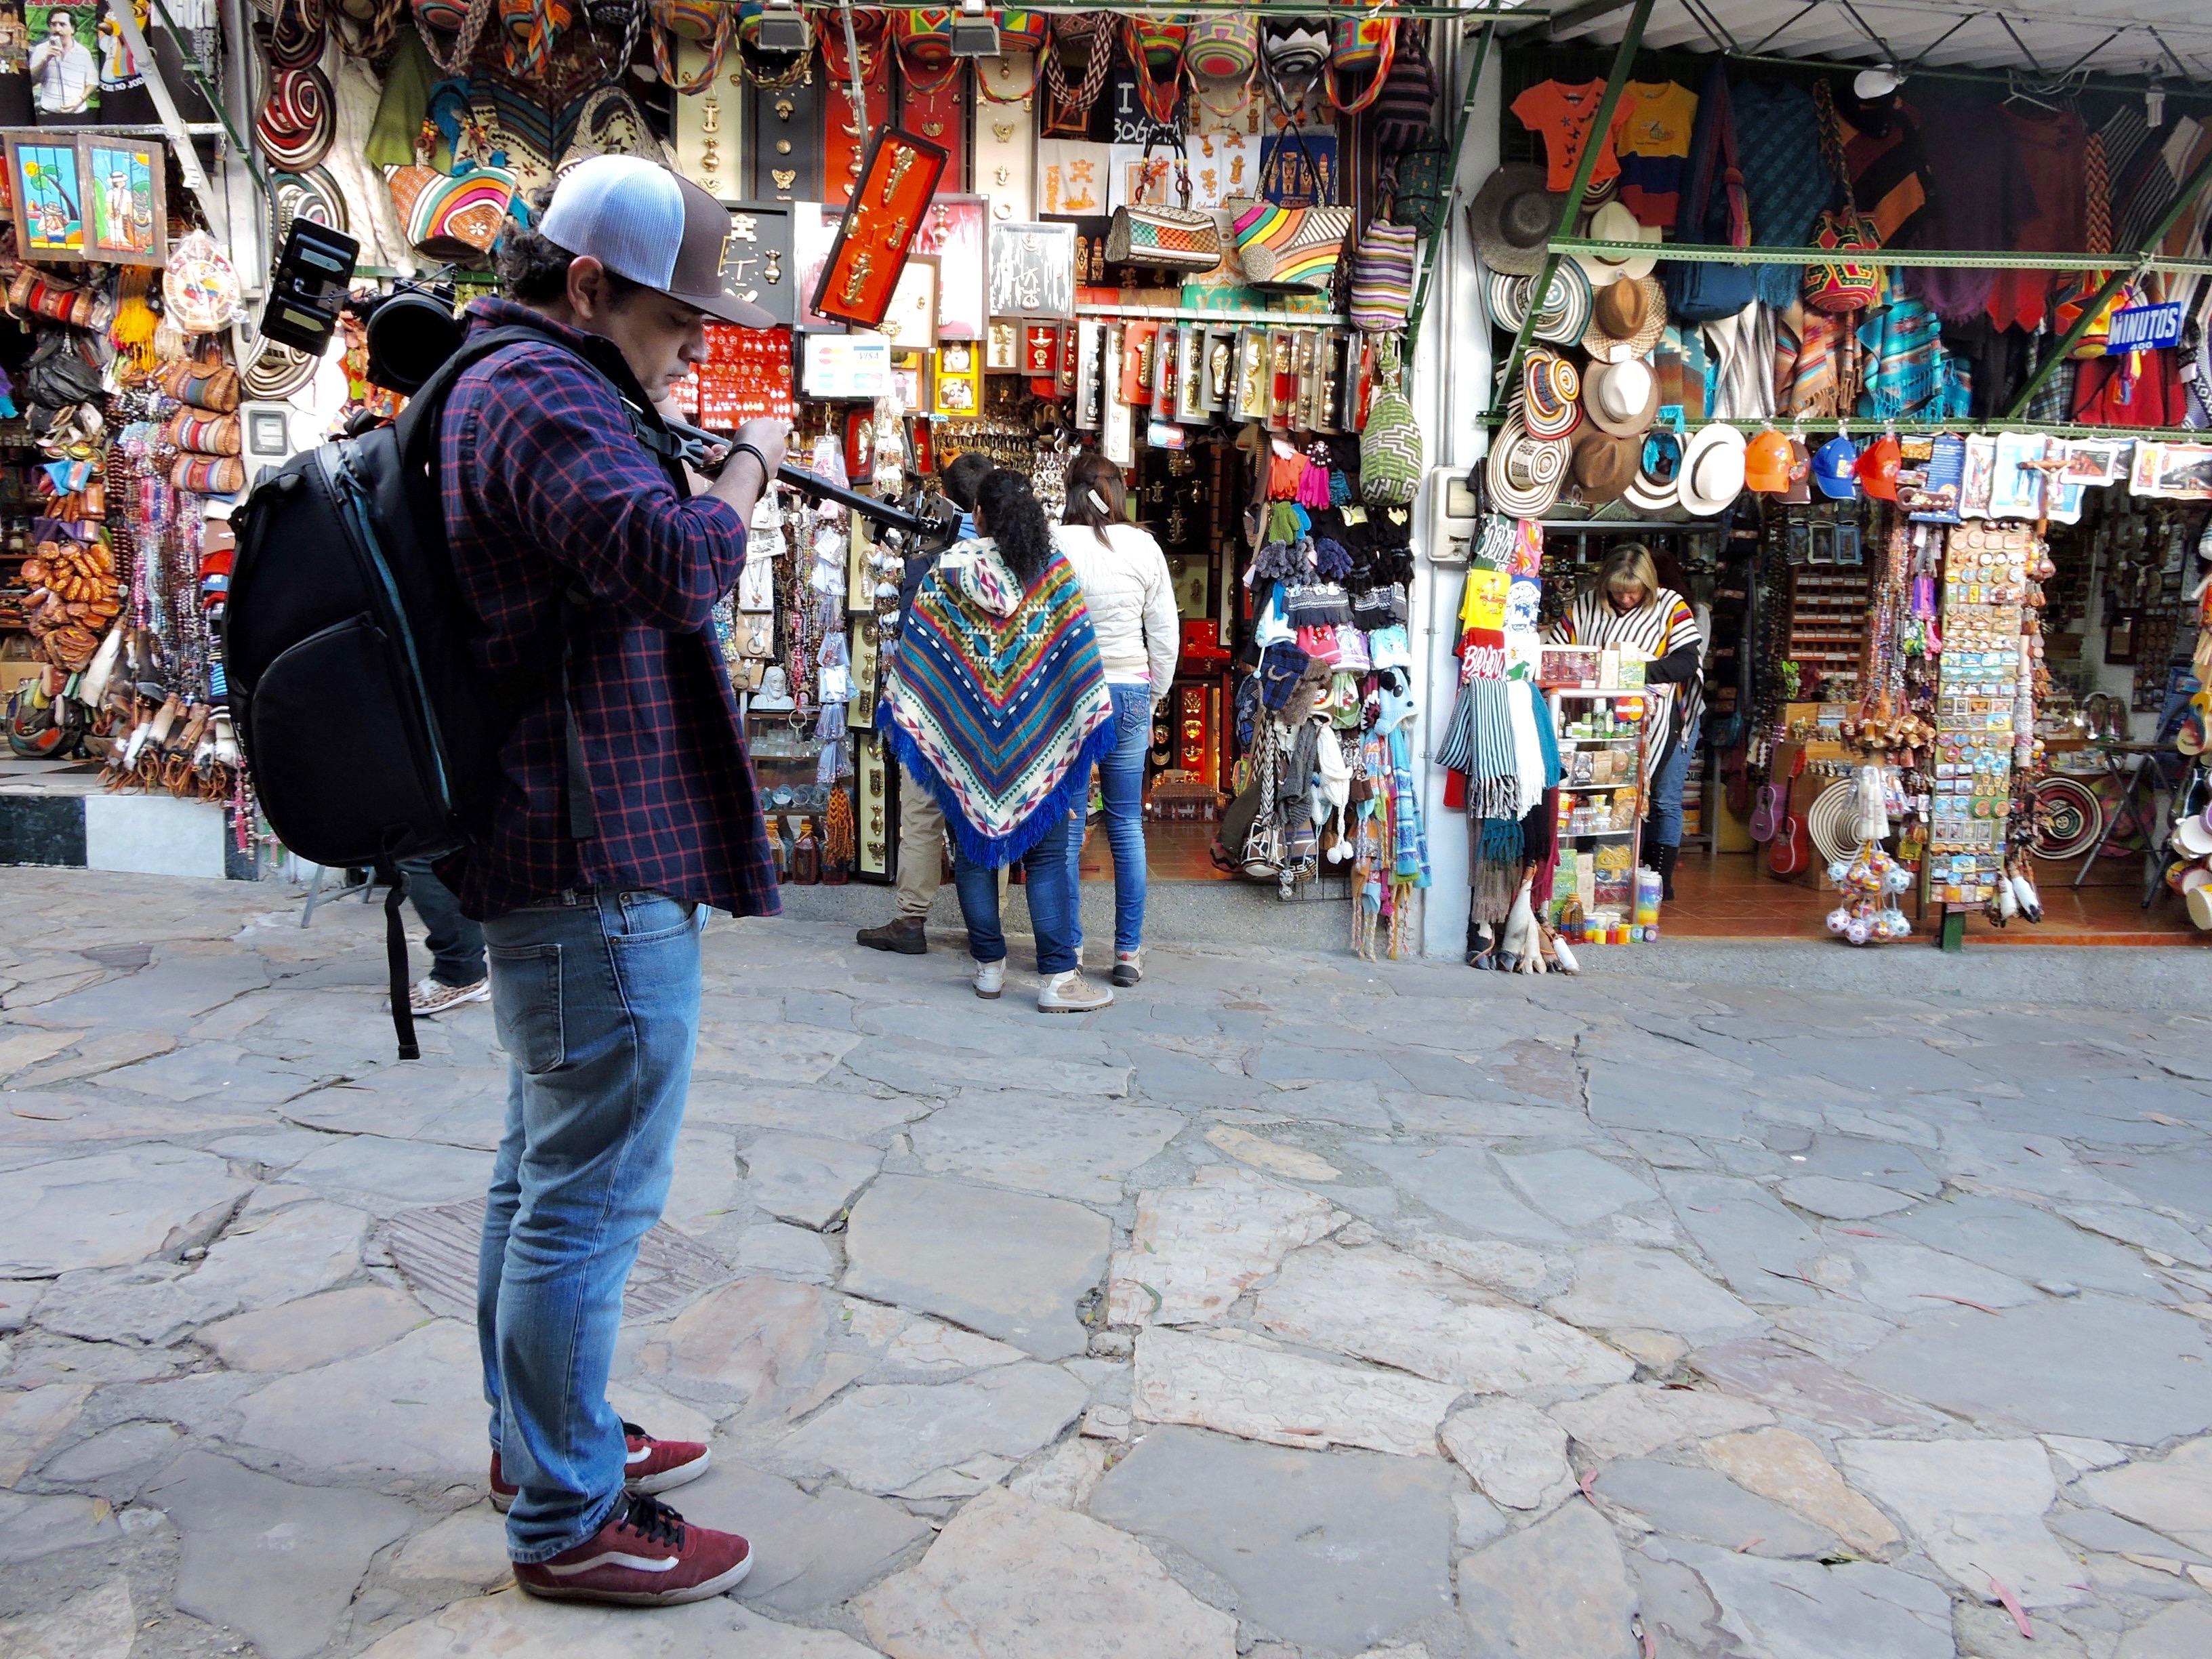 Equipo en acción. Mercado en la cima de Monserrate, Colombia.